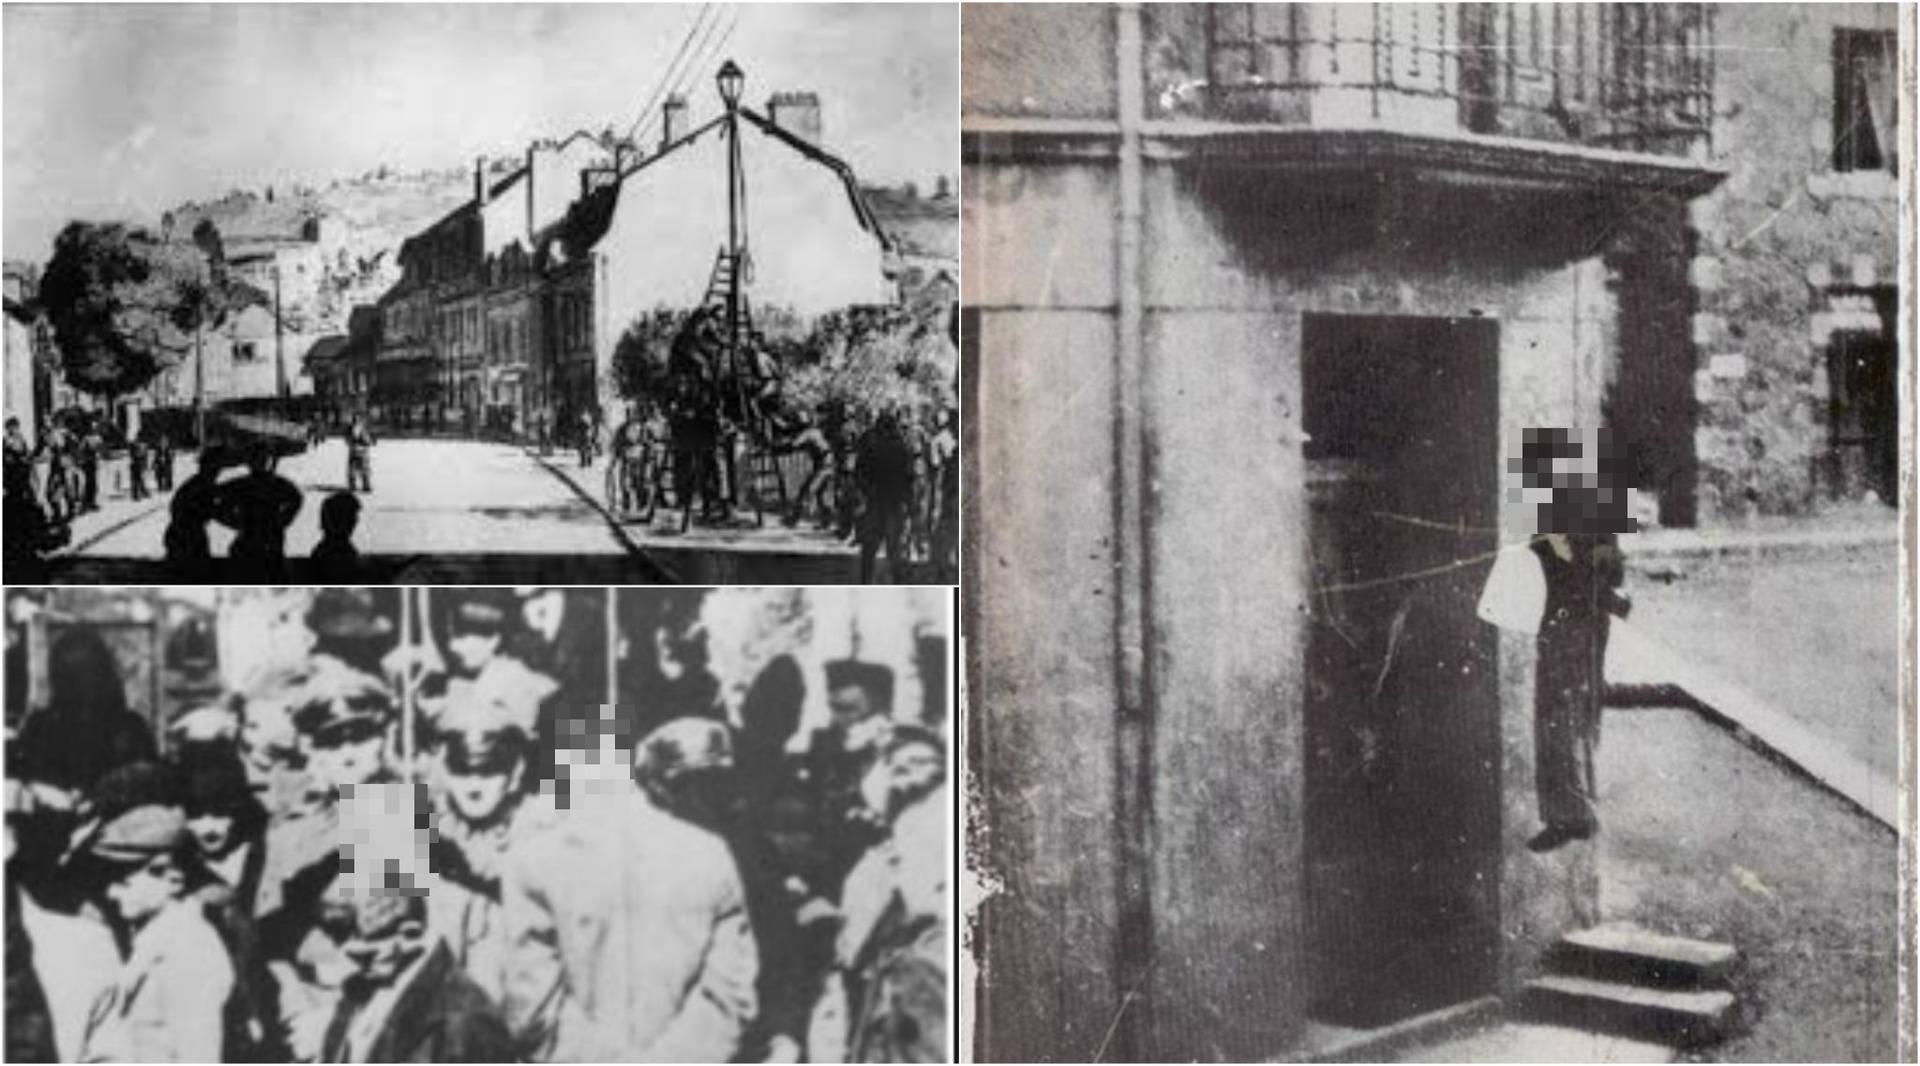 SS-ovci su iz osvete objesili 99 muškaraca od 16 do 60 godina na balkone i uličnu rasvjetu...